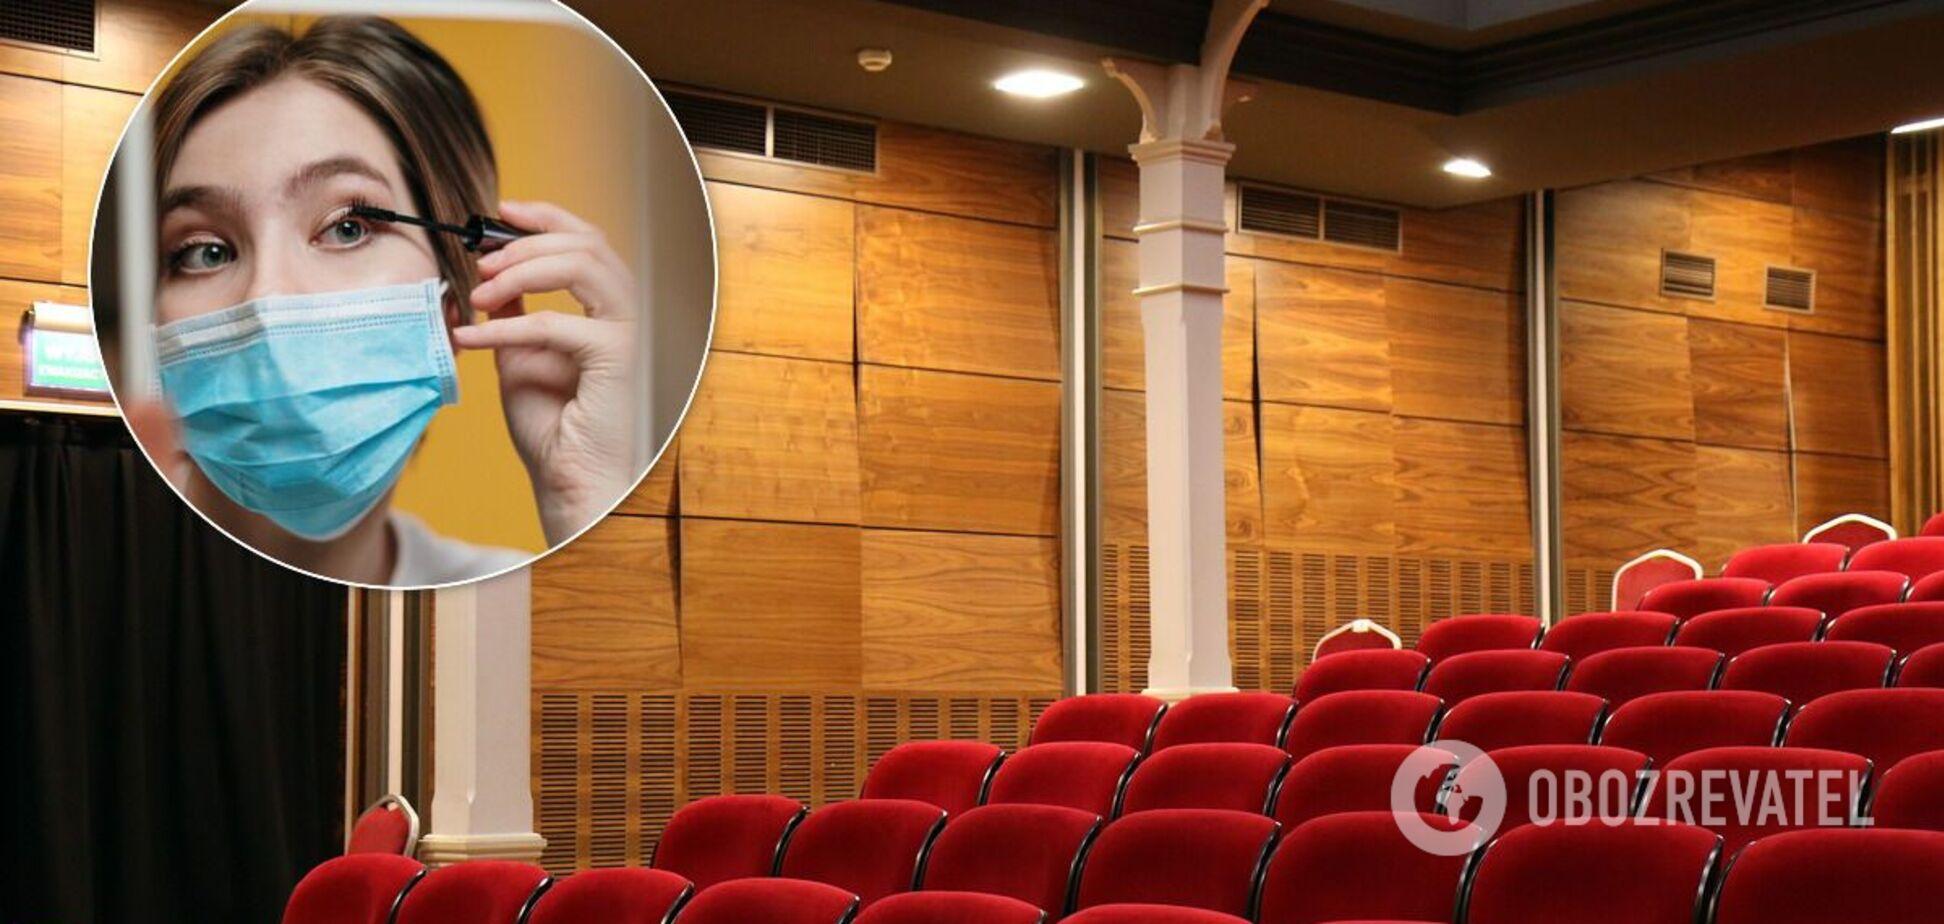 Роботу кінотеатрів в карантин дозволили